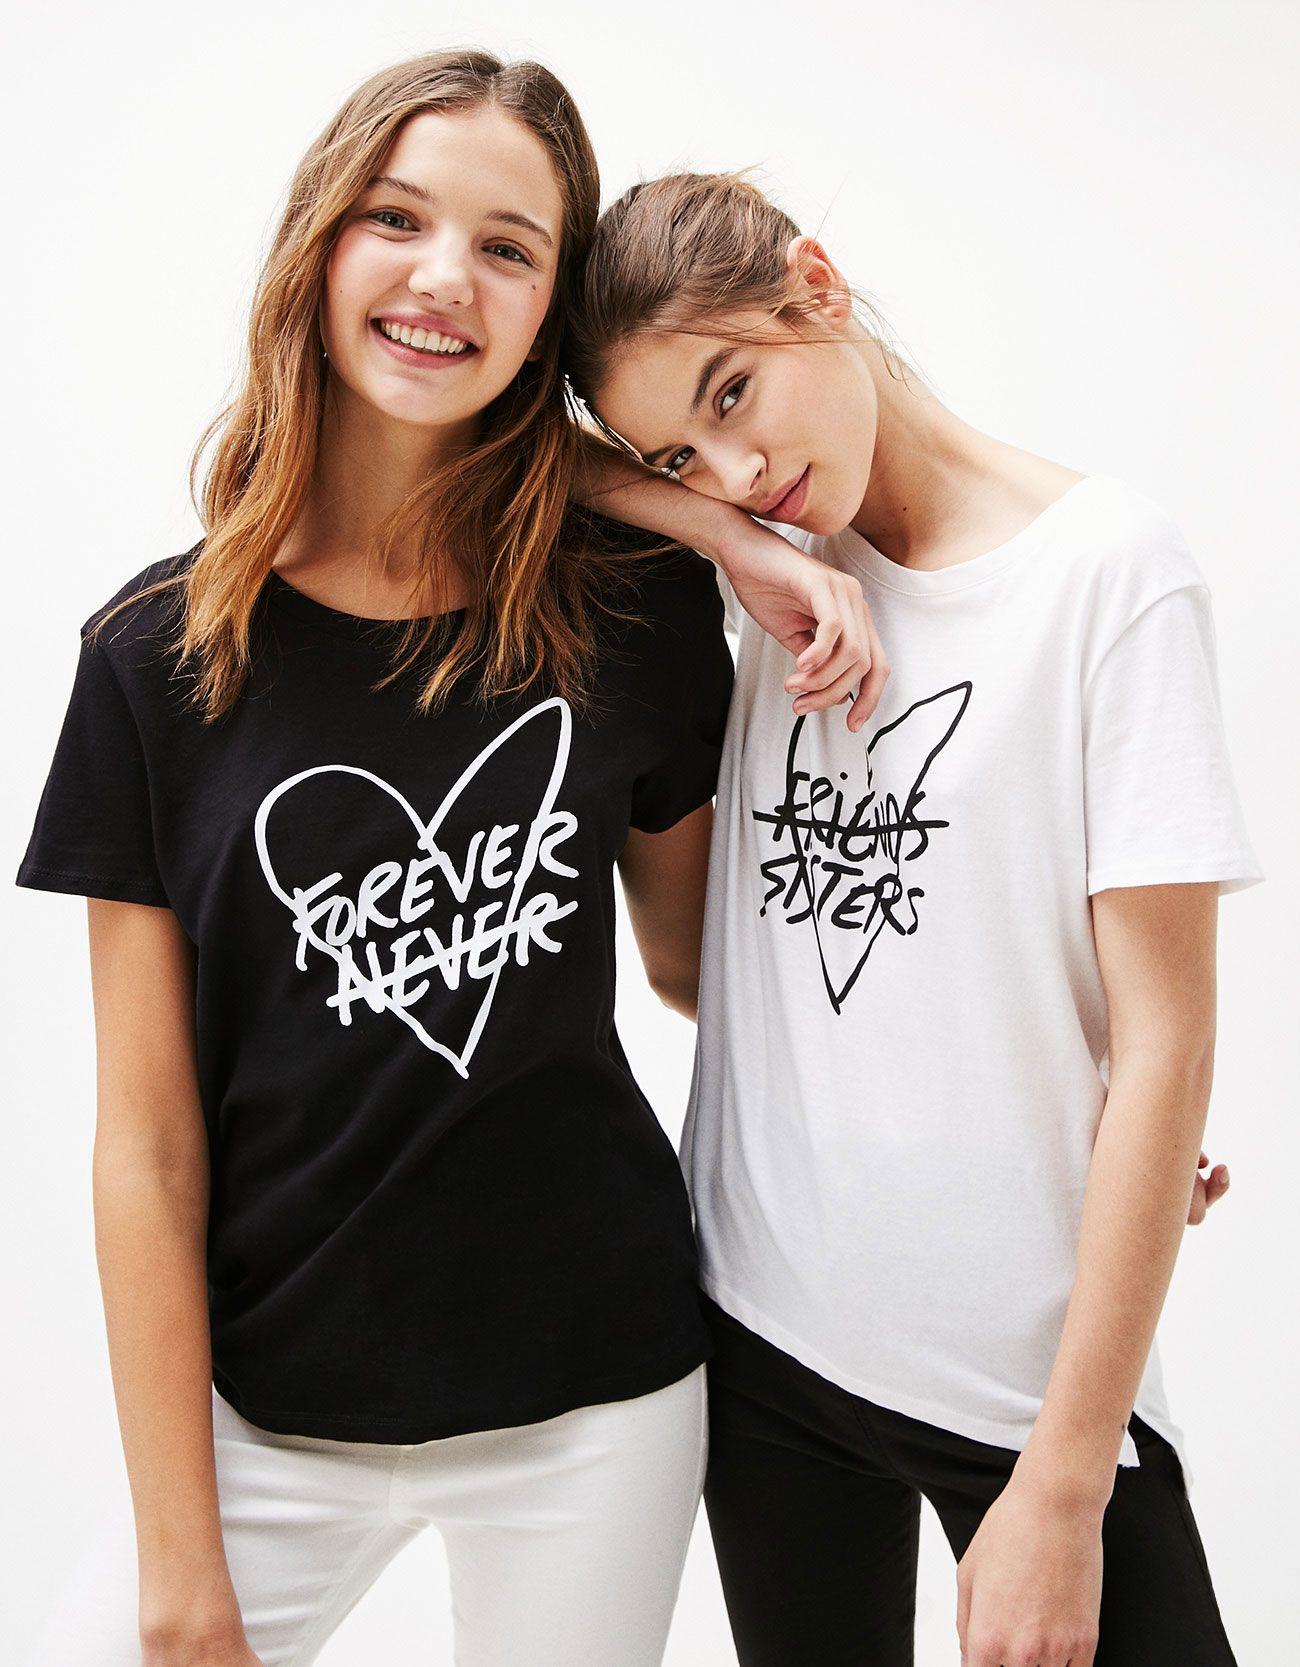 06f2e91b3f7 Camiseta estampada Forever Sister. Descubre ésta y muchas otras prendas en  Bershka con nuevos productos cada semana